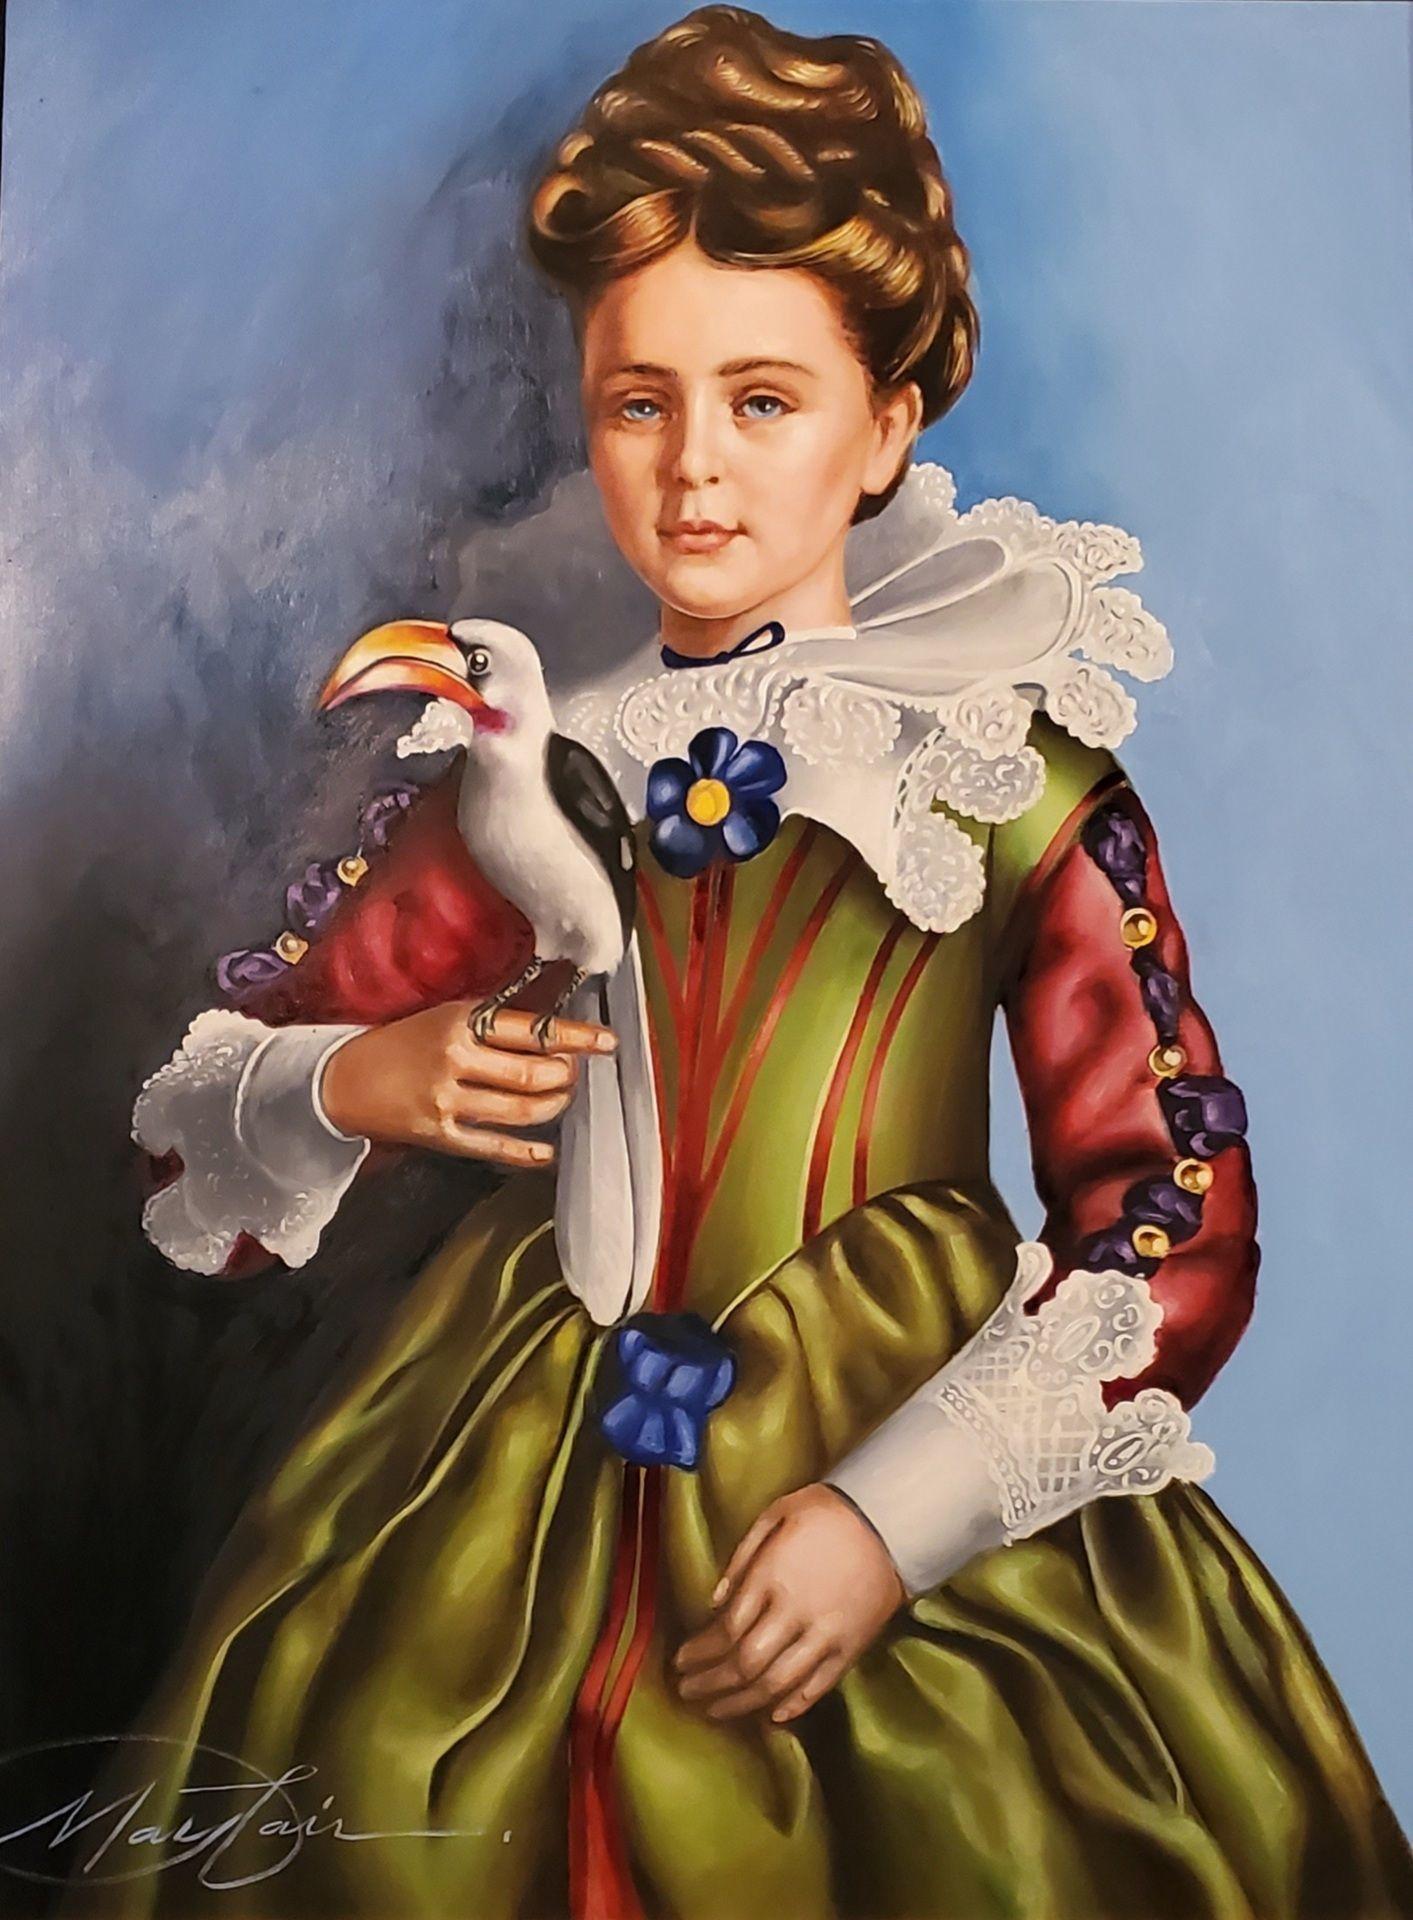 Little Ms. St. Claire